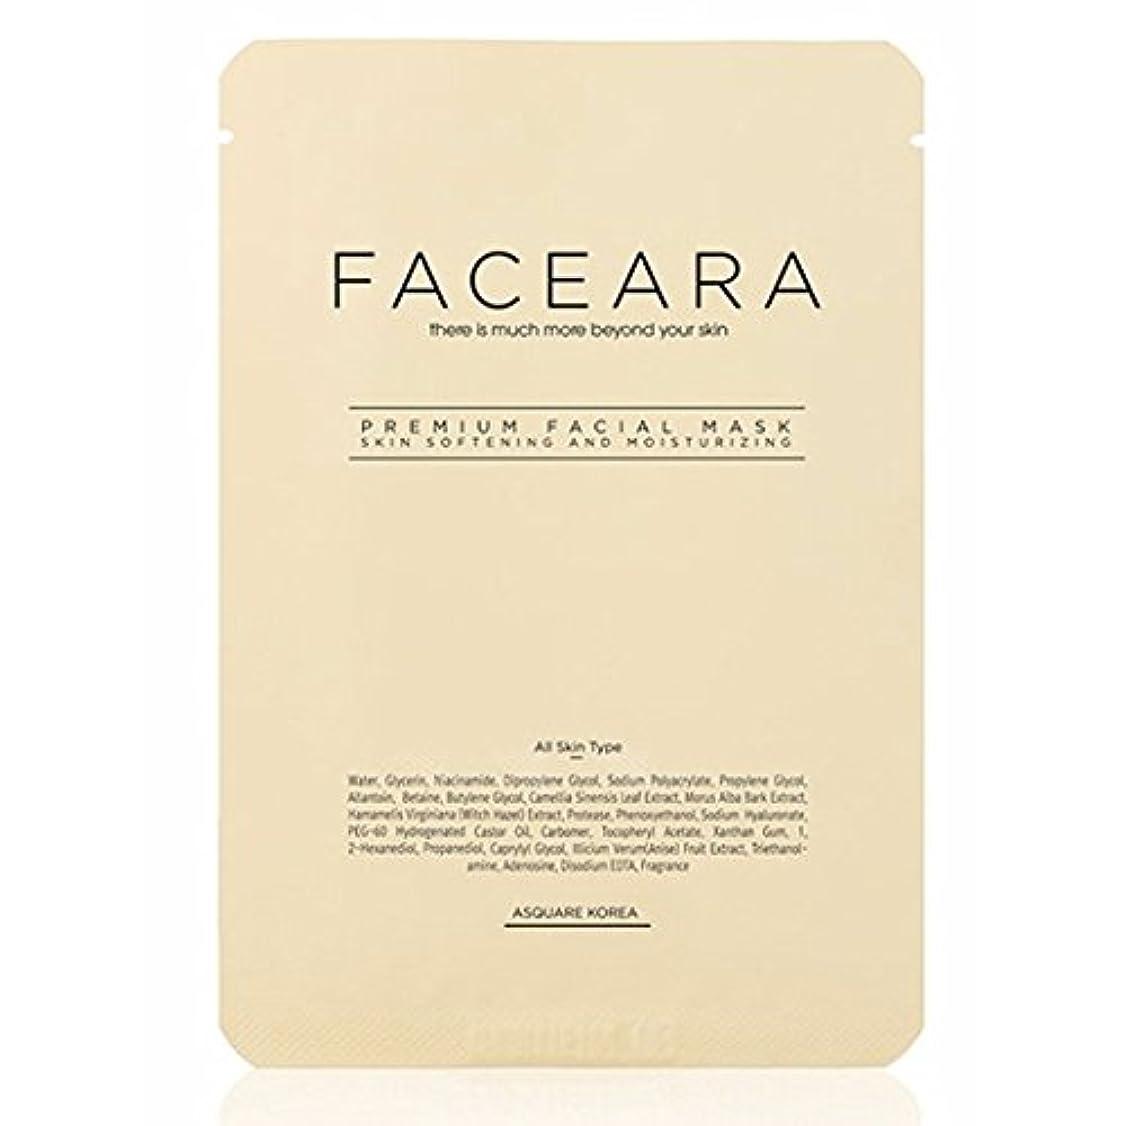 望み現像一部[並行輸入品] FACEARA スクラブ&スーパーモイスチャライザー用プレミアムフェイシャルマスクシート25g 5本セット / FACEARA Premium Facial Mask Sheet for Scrub &...